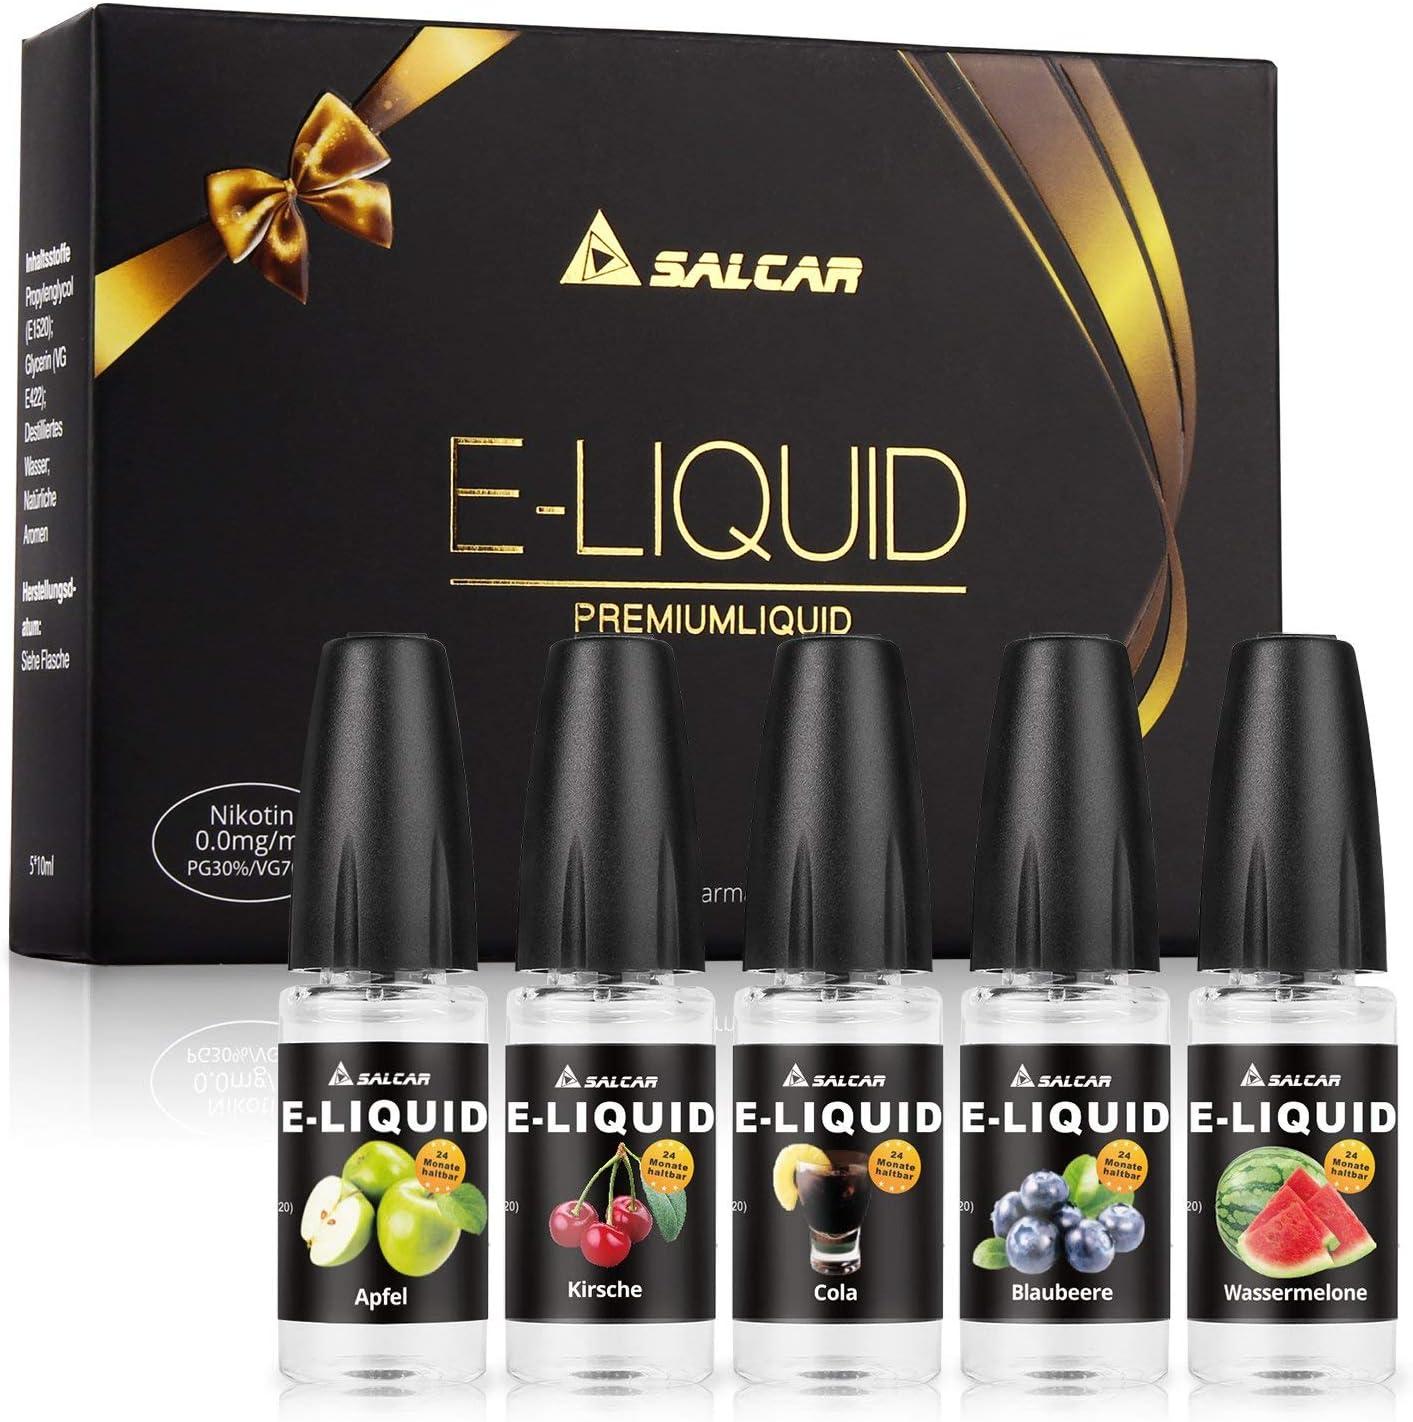 Salcar 5 x 10ML de Liquid para cigarrillo electrónico, VG70%/PG30%, manzana, cereza, arándanos, sandía, cola,sin Nicotina: Amazon.es: Salud y cuidado personal